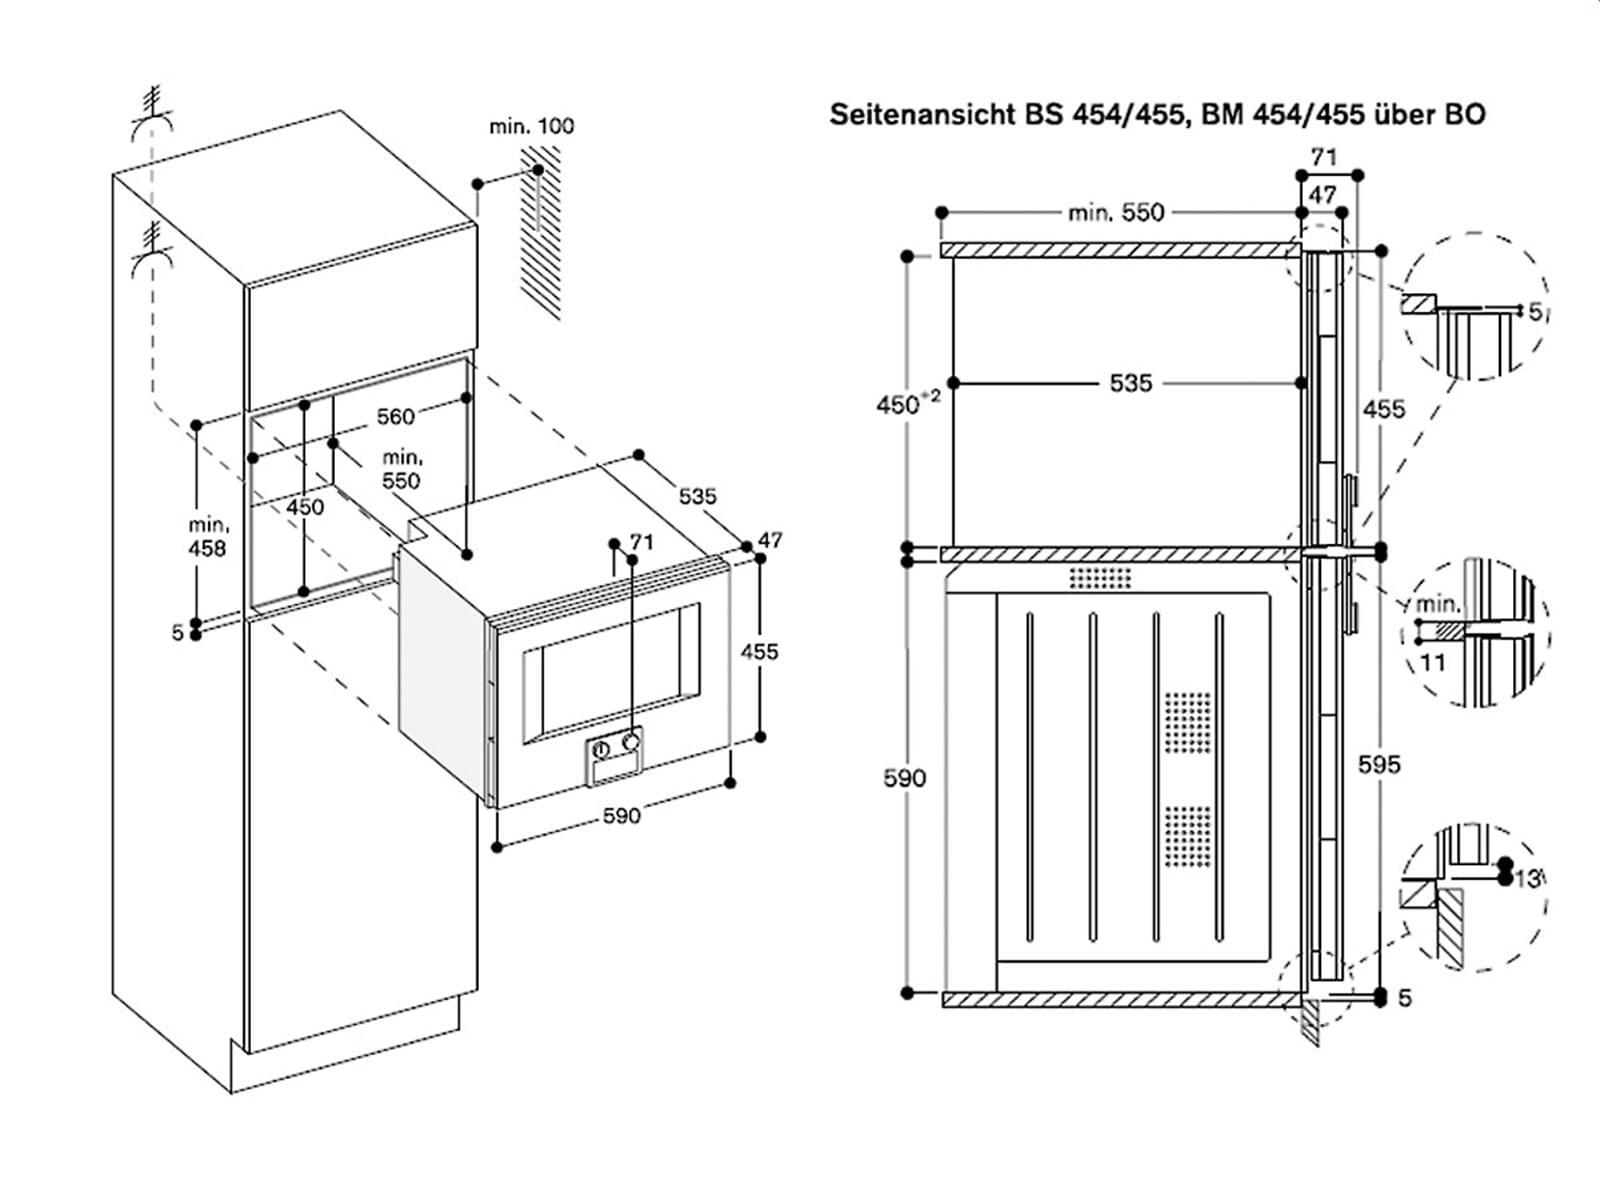 Gaggenau BS 454 110 Dampfbackofen Serie 400 Edelstahl/Glas